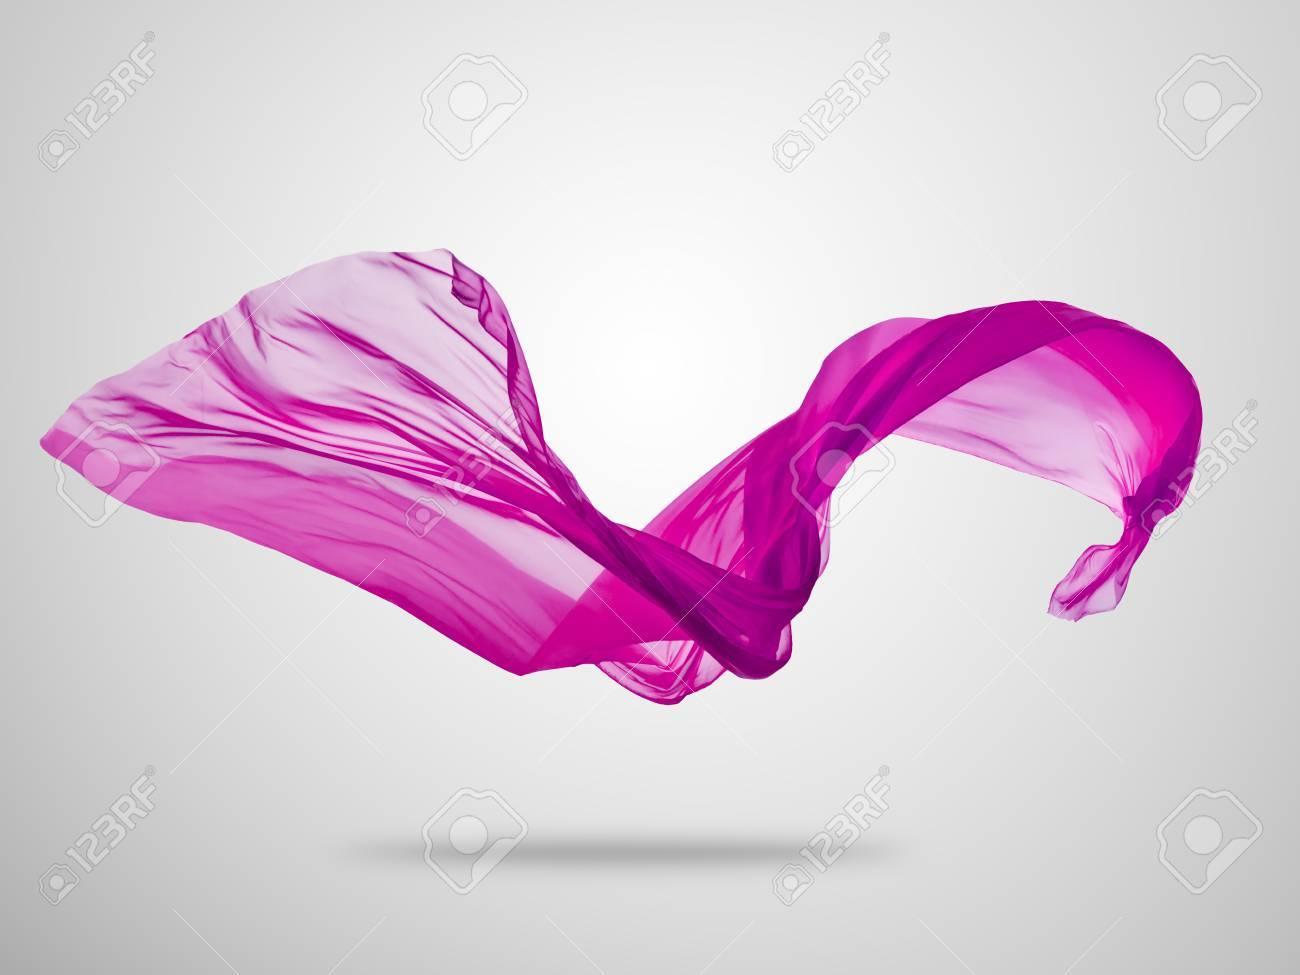 Allo allo les  .. Chuuttttt !! - Page 2 76196440-tissu-rose-%C3%A9l%C3%A9gant-lisse-transparent-s%C3%A9par%C3%A9-sur-fond-gris-texture-de-tissu-volant--Banque-d'images